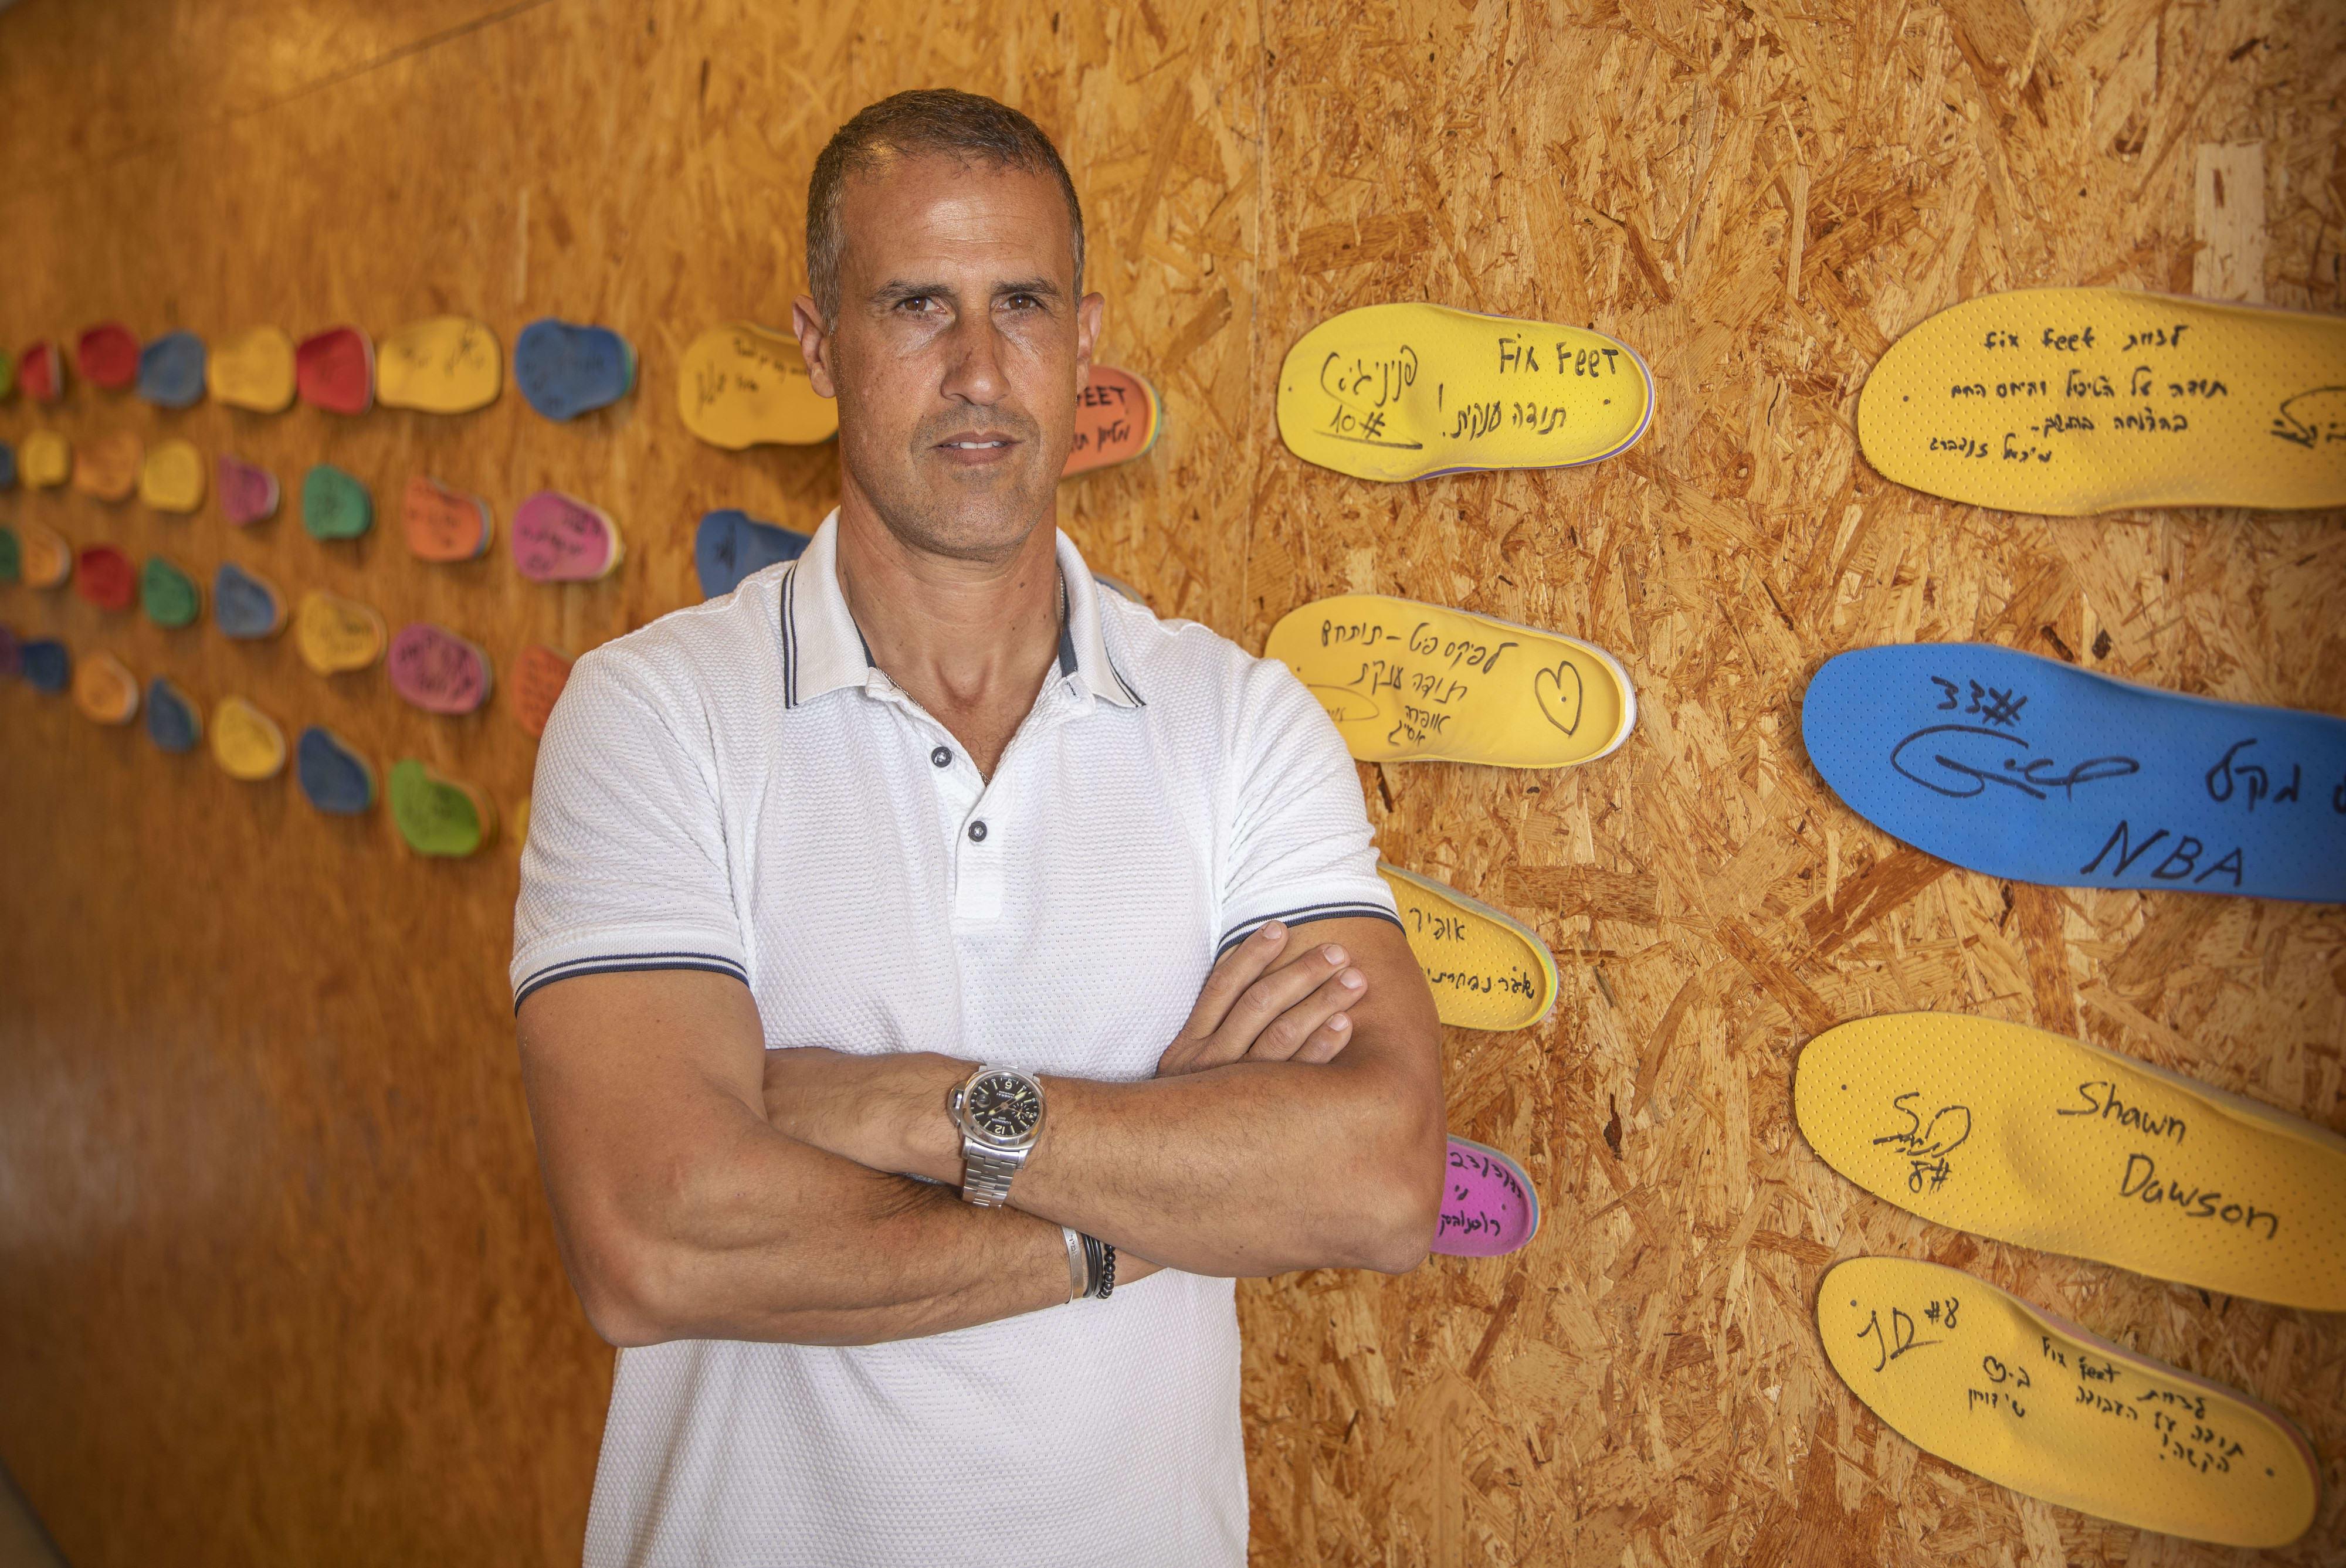 אמיר שלח, ספורטאי ובעלים של חברת Fix Fee, מעבדת ההליכה המתמחה ביצור מדרסים